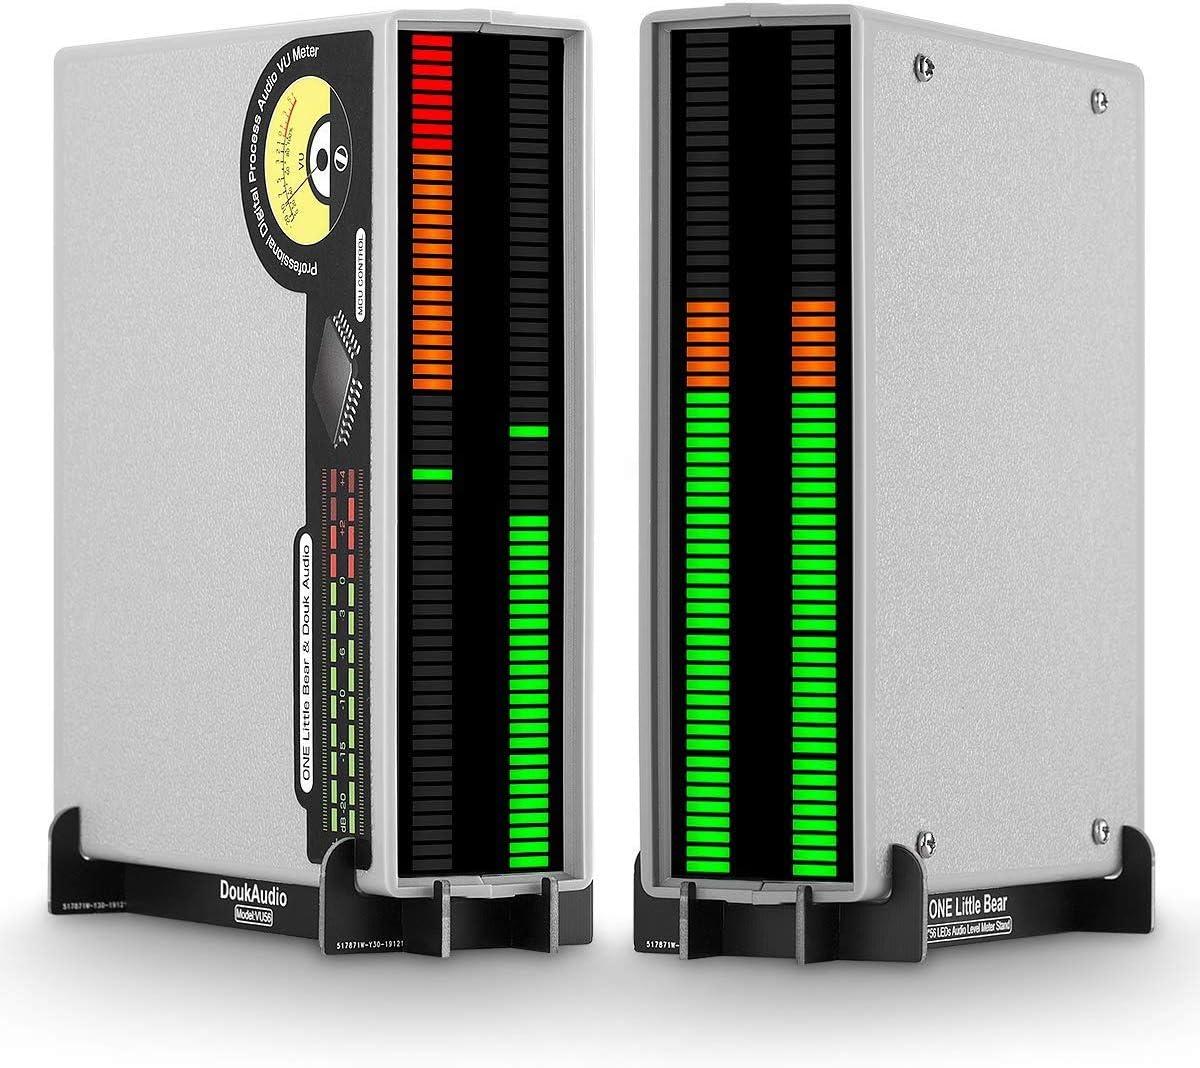 Indicador de Sonido est/éreo 56 bits, LED, con indicador de Espectro Musical Color Verde y Naranja Douk Audio